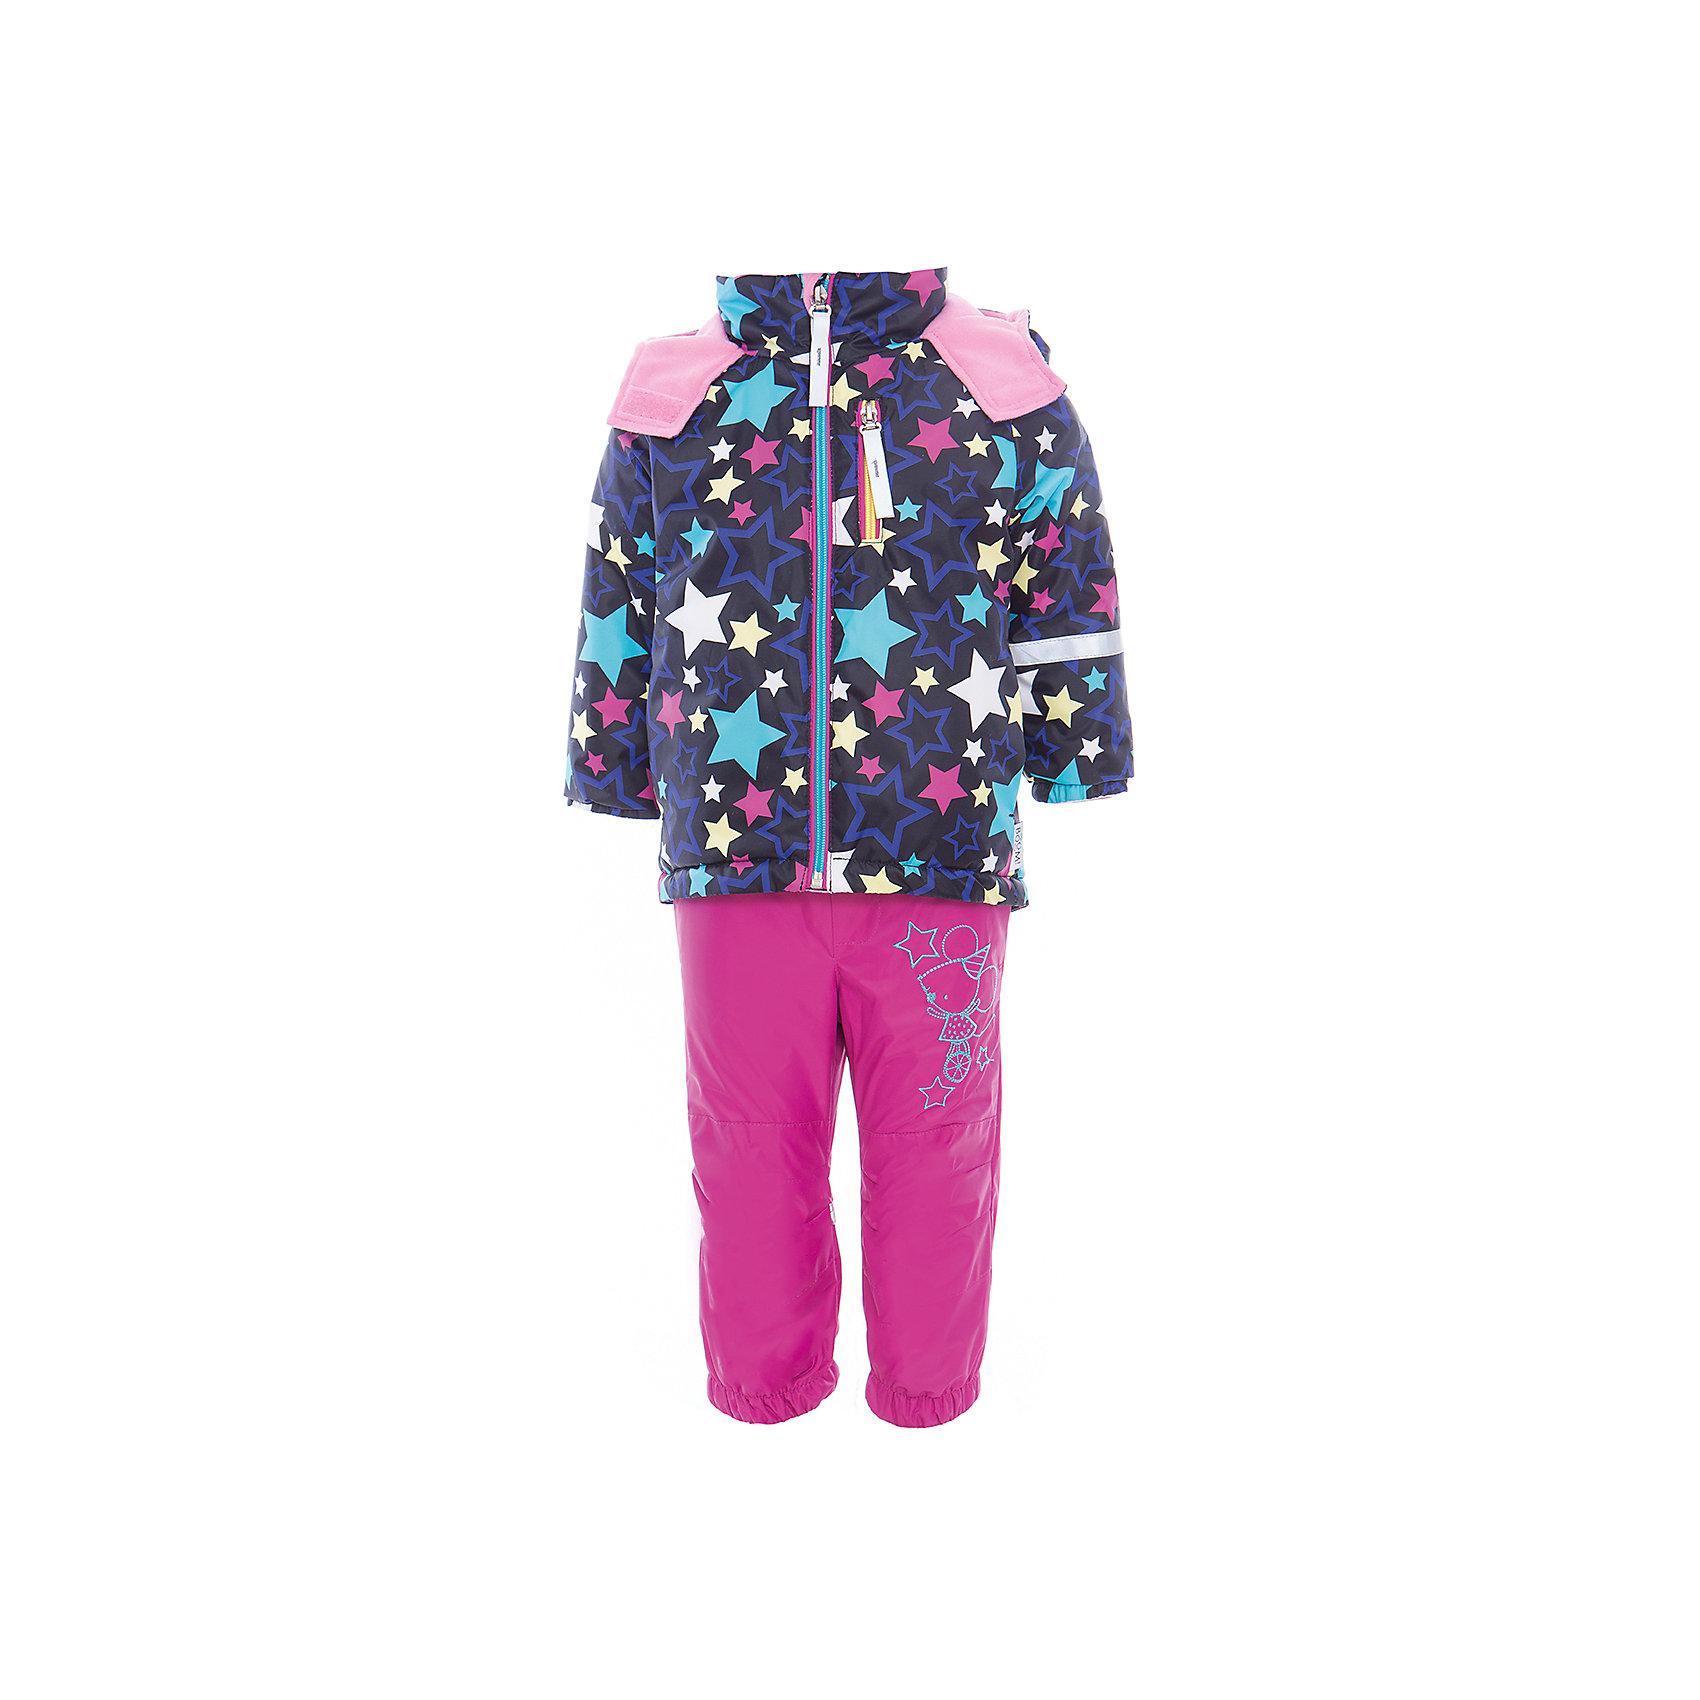 Комплект для девочки BOOM by OrbyВерхняя одежда<br>Характеристики товара:<br><br>• цвет: синий/фуксия<br>• состав: <br>курточка: верх - нейлон с мембранным покрытием 3000*3000, подкладка - поларфлис, полиэстер, утеплитель: FiberSoft 100 г/м2<br>брюки: верх - нейлон с мембранным покрытием 3000*3000, подкладка - поларфлис<br>• комплектация: куртка, брюки<br>• температурный режим: от -5 С° до +10 С° <br>• эластичные регулируемые подтяжки<br>• застежка - молния<br>• куртка декорирована принтом<br>• капюшон<br>• силиконовые штрипки<br>• комфортная посадка<br>• страна производства: Российская Федерация<br>• страна бренда: Российская Федерация<br>• коллекция: весна-лето 2017<br><br>Такой комплект - универсальный вариант для межсезонья с постоянно меняющейся погодой. Эта модель - модная и удобная одновременно! Изделие отличается стильным ярким дизайном. Куртка и брюки хорошо сидят по фигуре, отлично сочетается с различной обувью. Модель была разработана специально для детей.<br><br>Одежда от российского бренда BOOM by Orby уже завоевала популярностью у многих детей и их родителей. Вещи, выпускаемые компанией, качественные, продуманные и очень удобные. Для производства коллекций используются только безопасные для детей материалы. Спешите приобрести модели из новой коллекции Весна-лето 2017! <br><br>Комплект для девочки от бренда BOOM by Orby можно купить в нашем интернет-магазине.<br><br>Ширина мм: 356<br>Глубина мм: 10<br>Высота мм: 245<br>Вес г: 519<br>Цвет: черный<br>Возраст от месяцев: 72<br>Возраст до месяцев: 84<br>Пол: Женский<br>Возраст: Детский<br>Размер: 122,80,86,104,92,98,110,116<br>SKU: 5342787